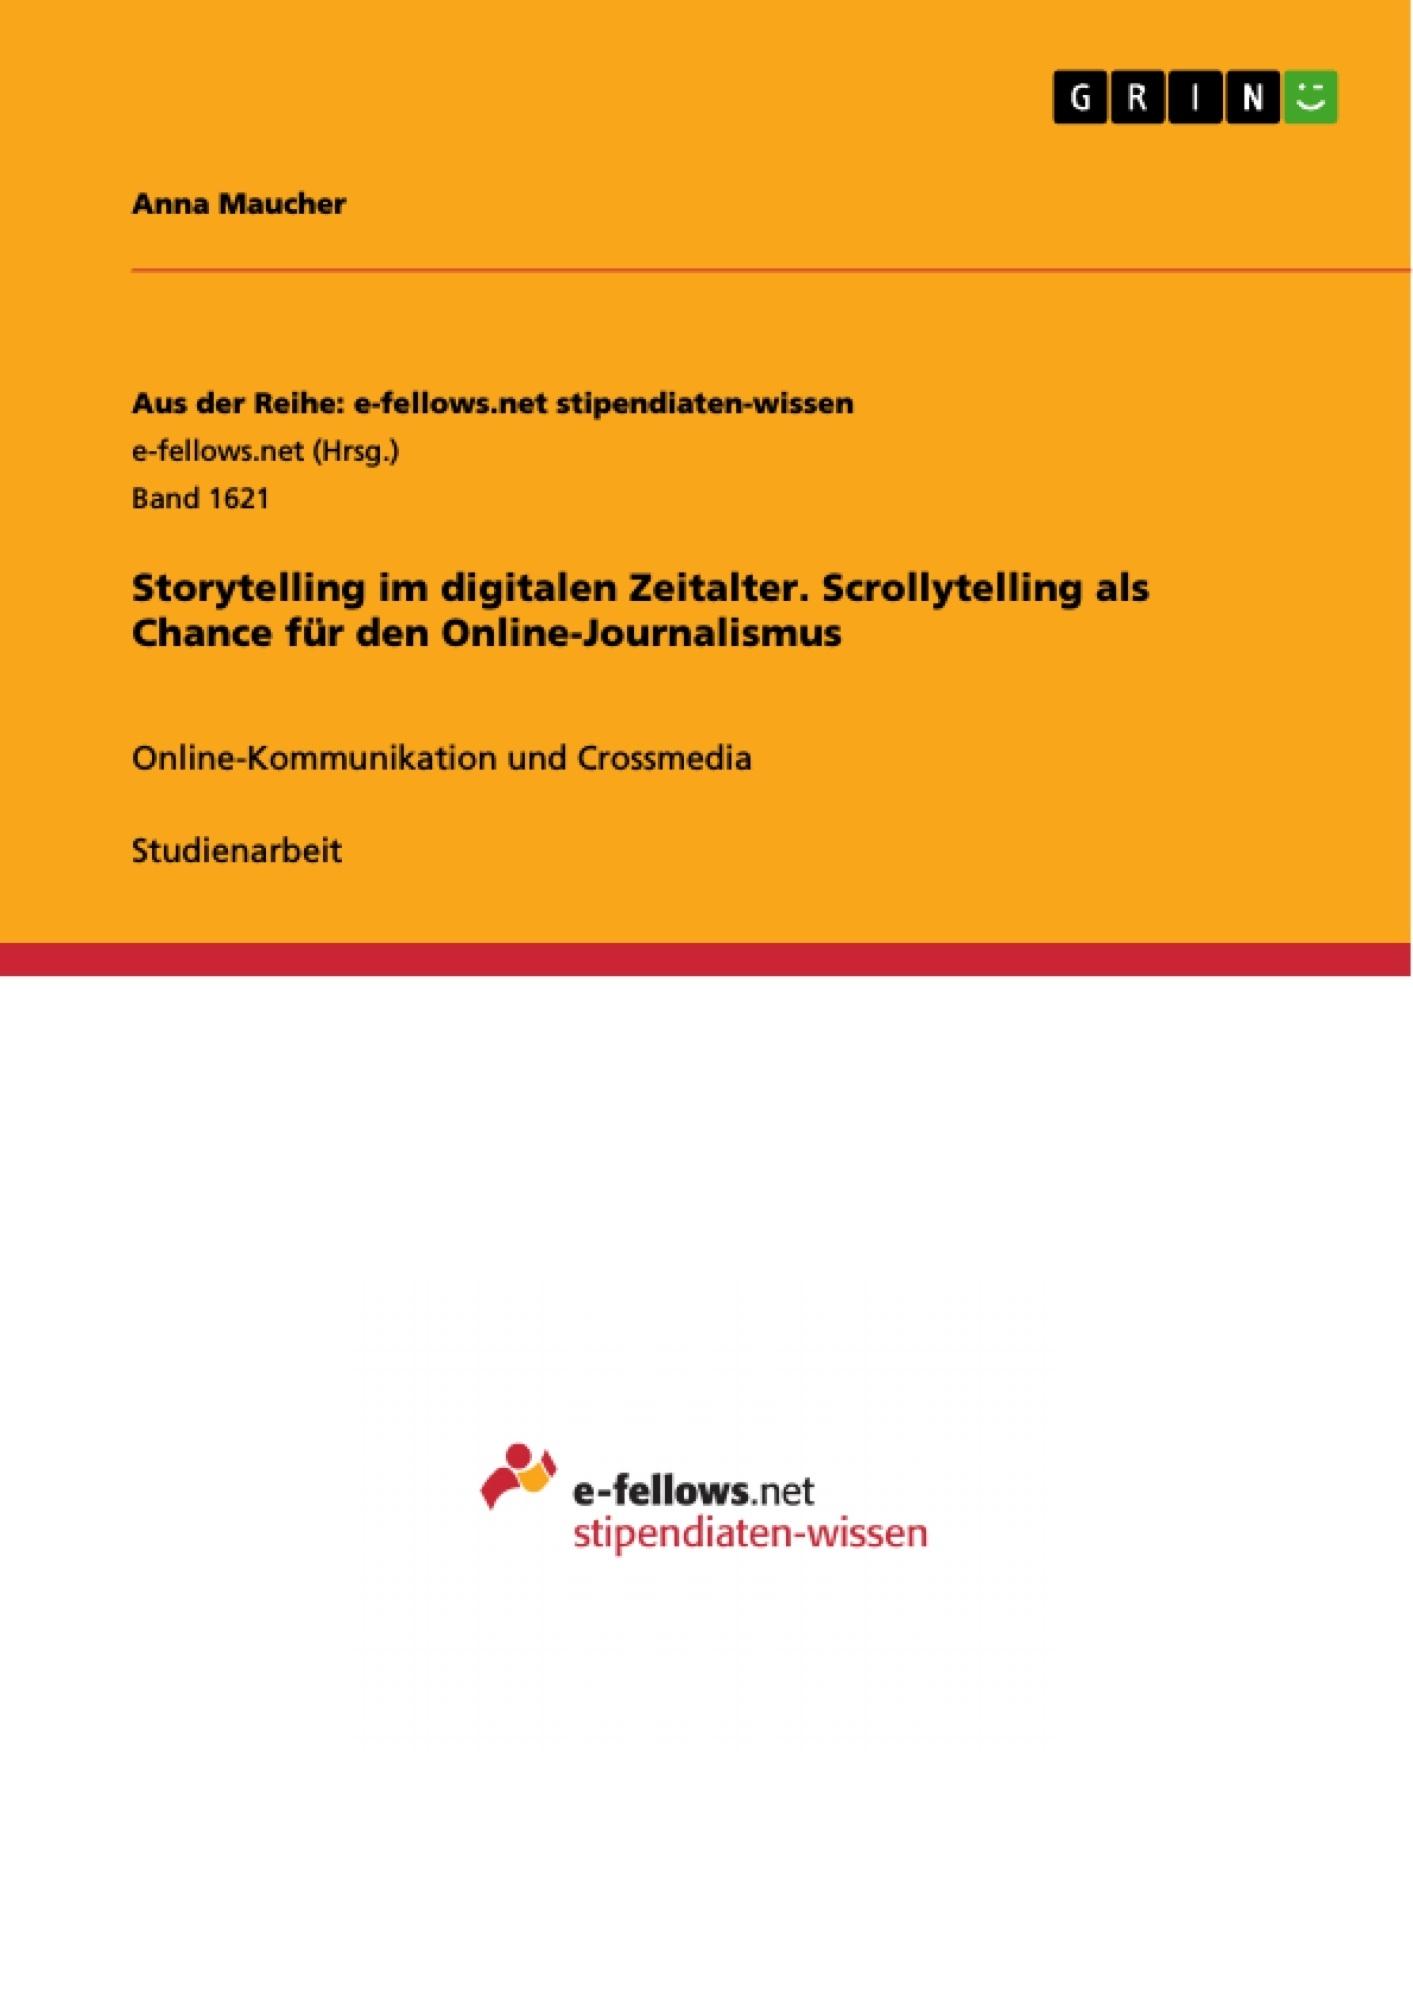 Titel: Storytelling im digitalen Zeitalter. Scrollytelling als Chance für den Online-Journalismus